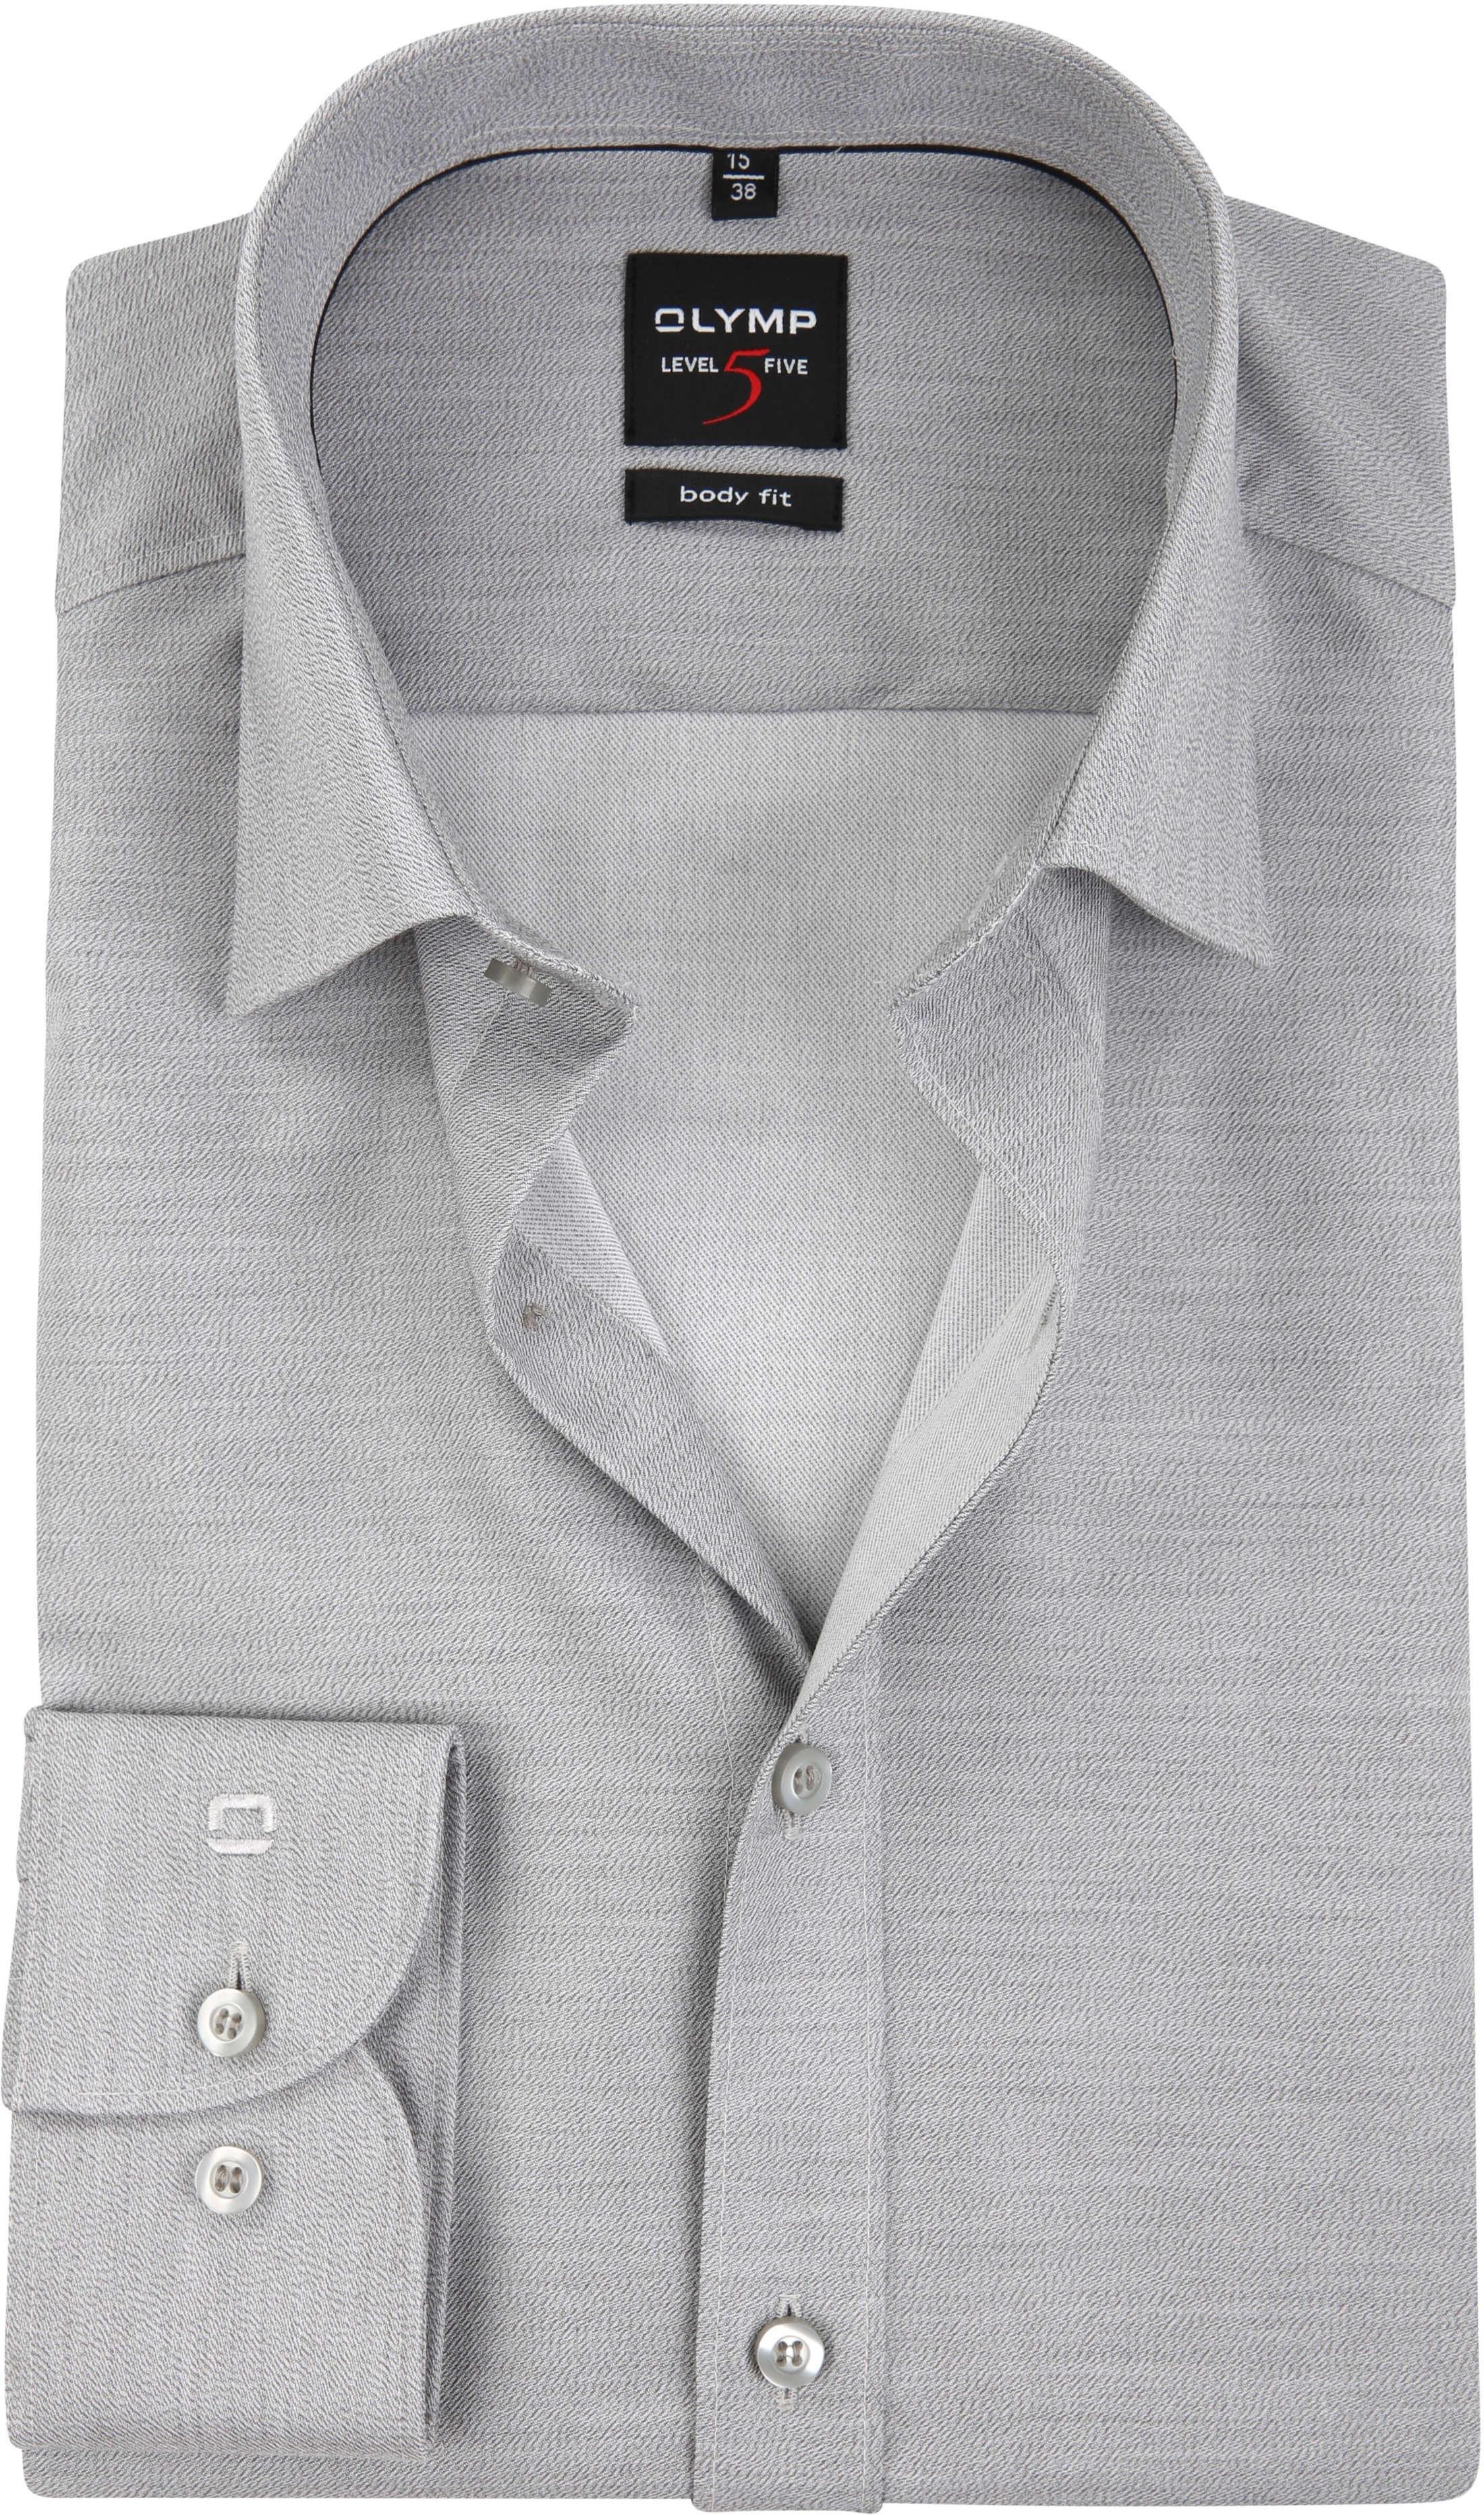 OLYMP Overhemd Level 5 Body-Fit Grijs foto 0